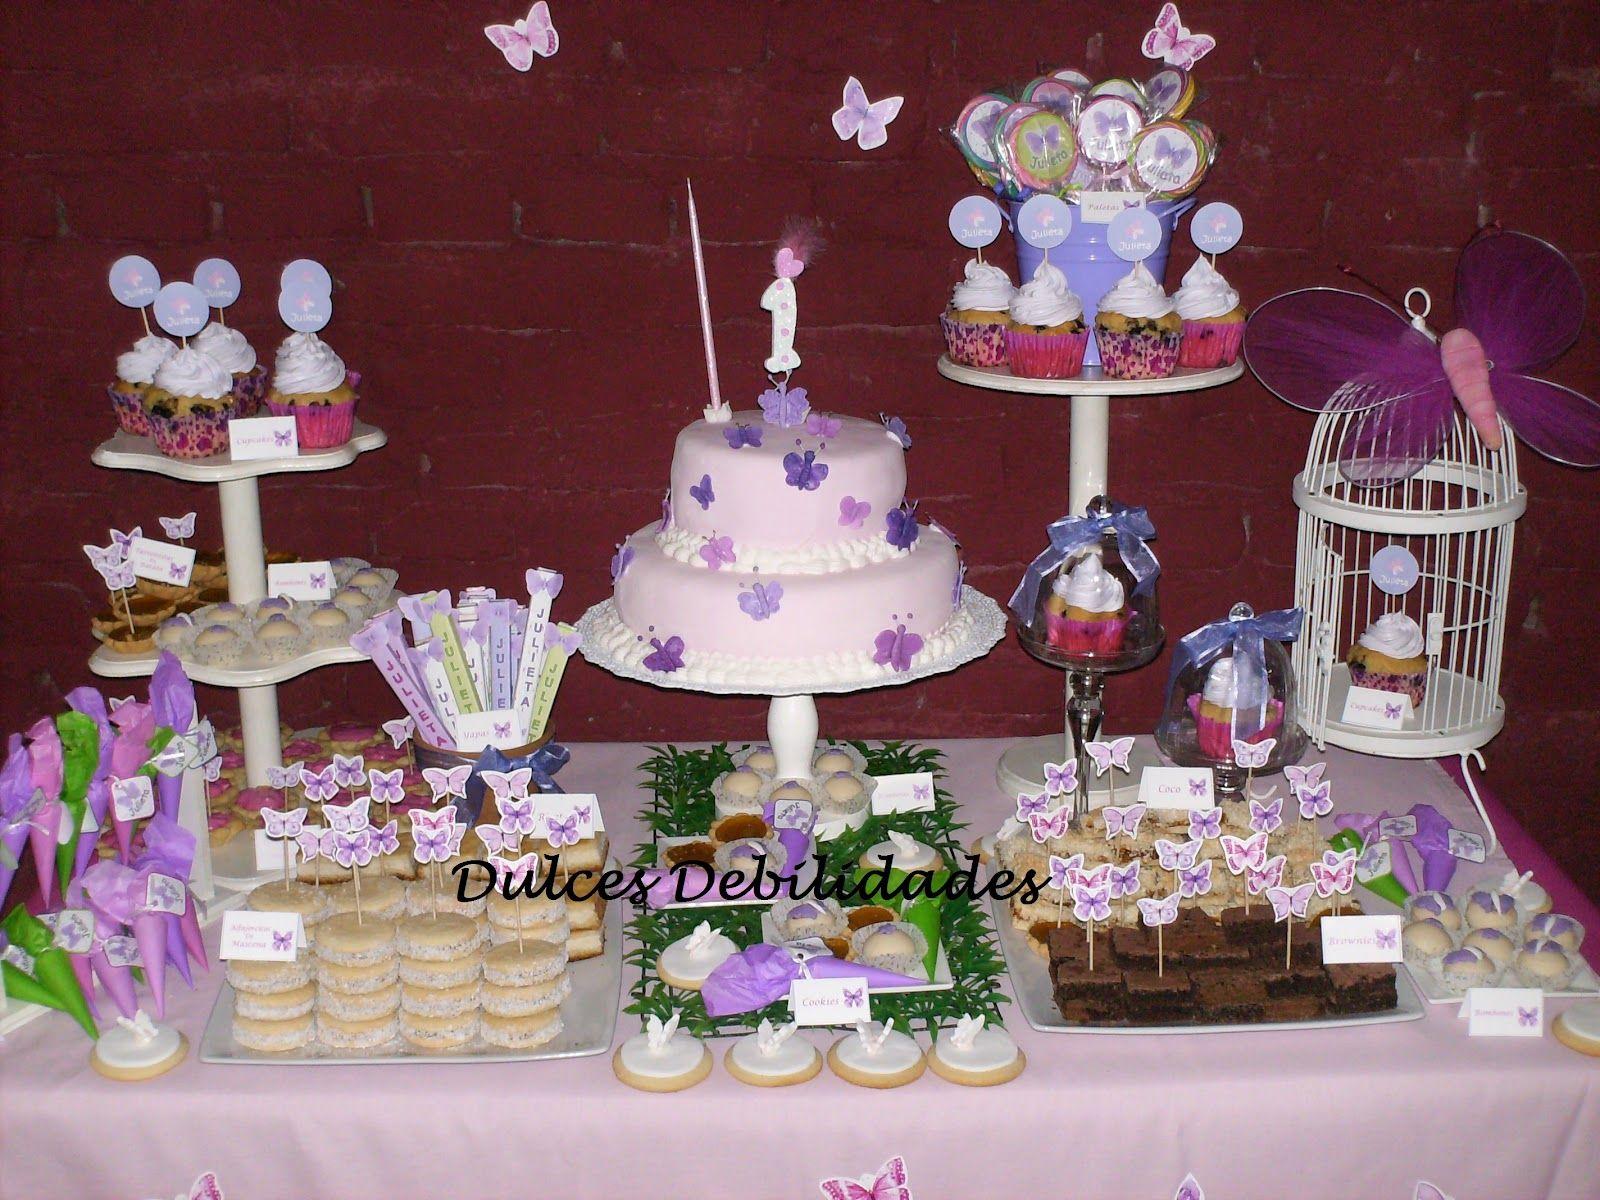 mesas dulces - dulcesdebilidades.blogspot.com